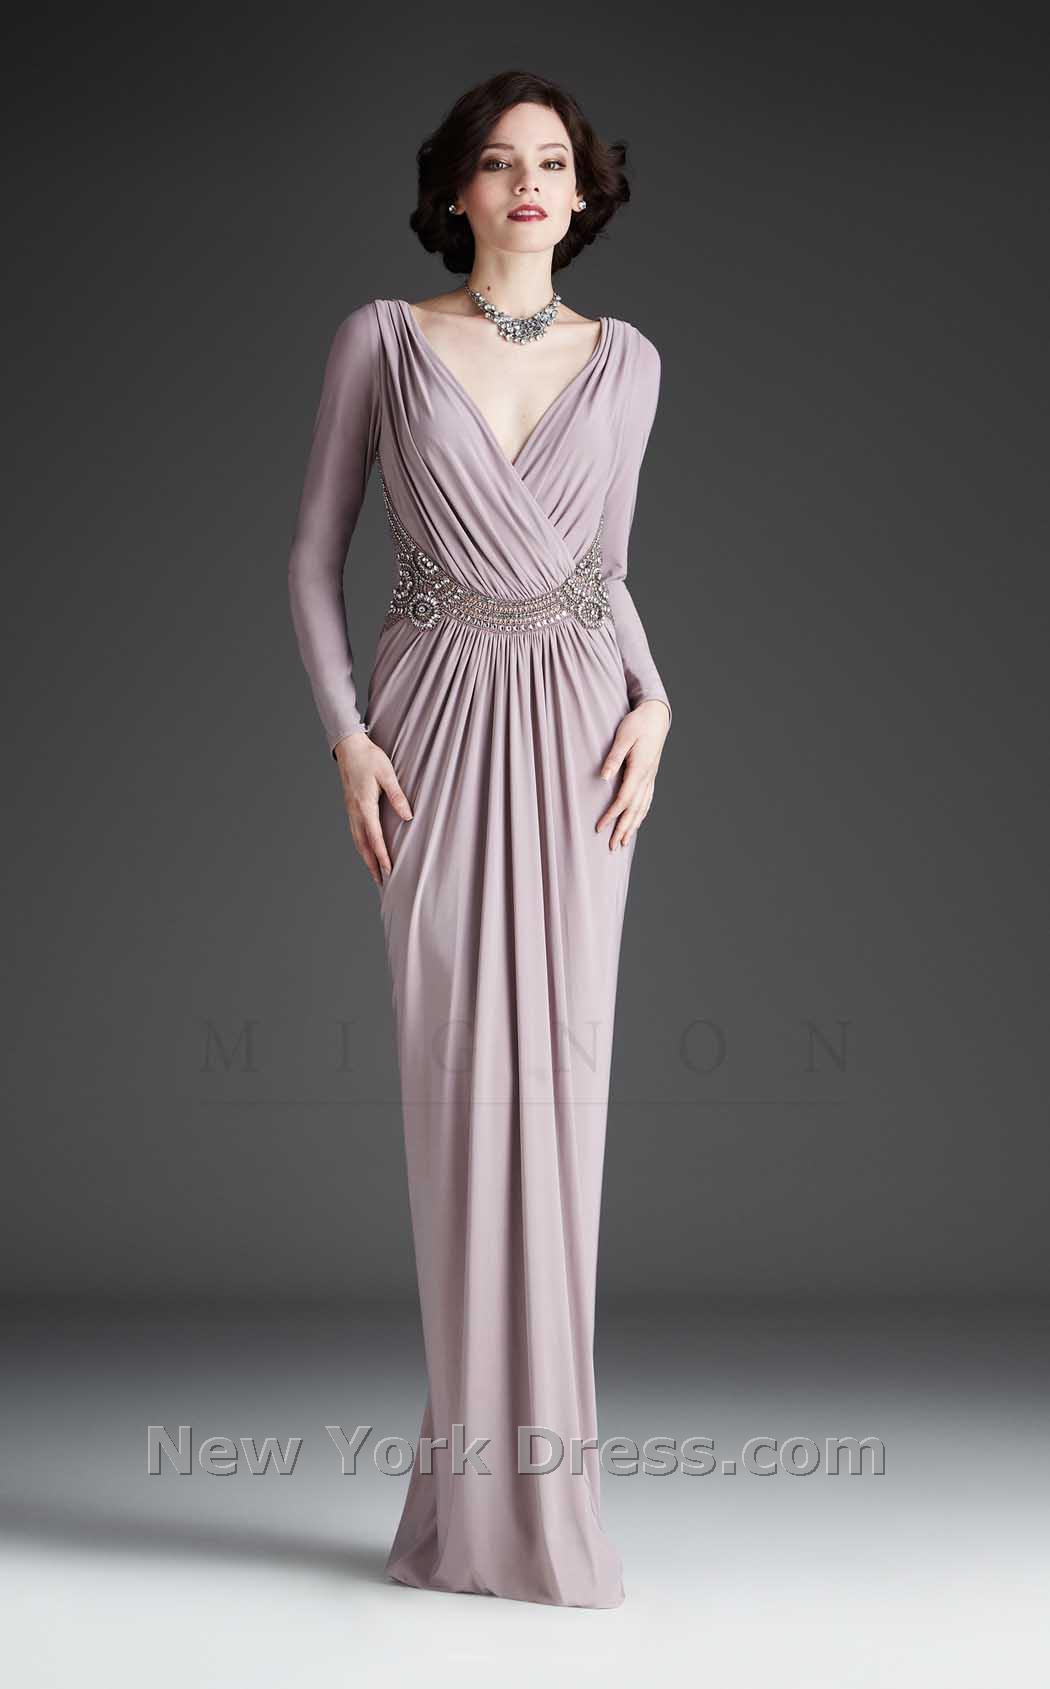 آموزش یقه خرگوشی مدل لباس جدید ایرانی و اروپایی - مطالب ابر مدل لباس ...